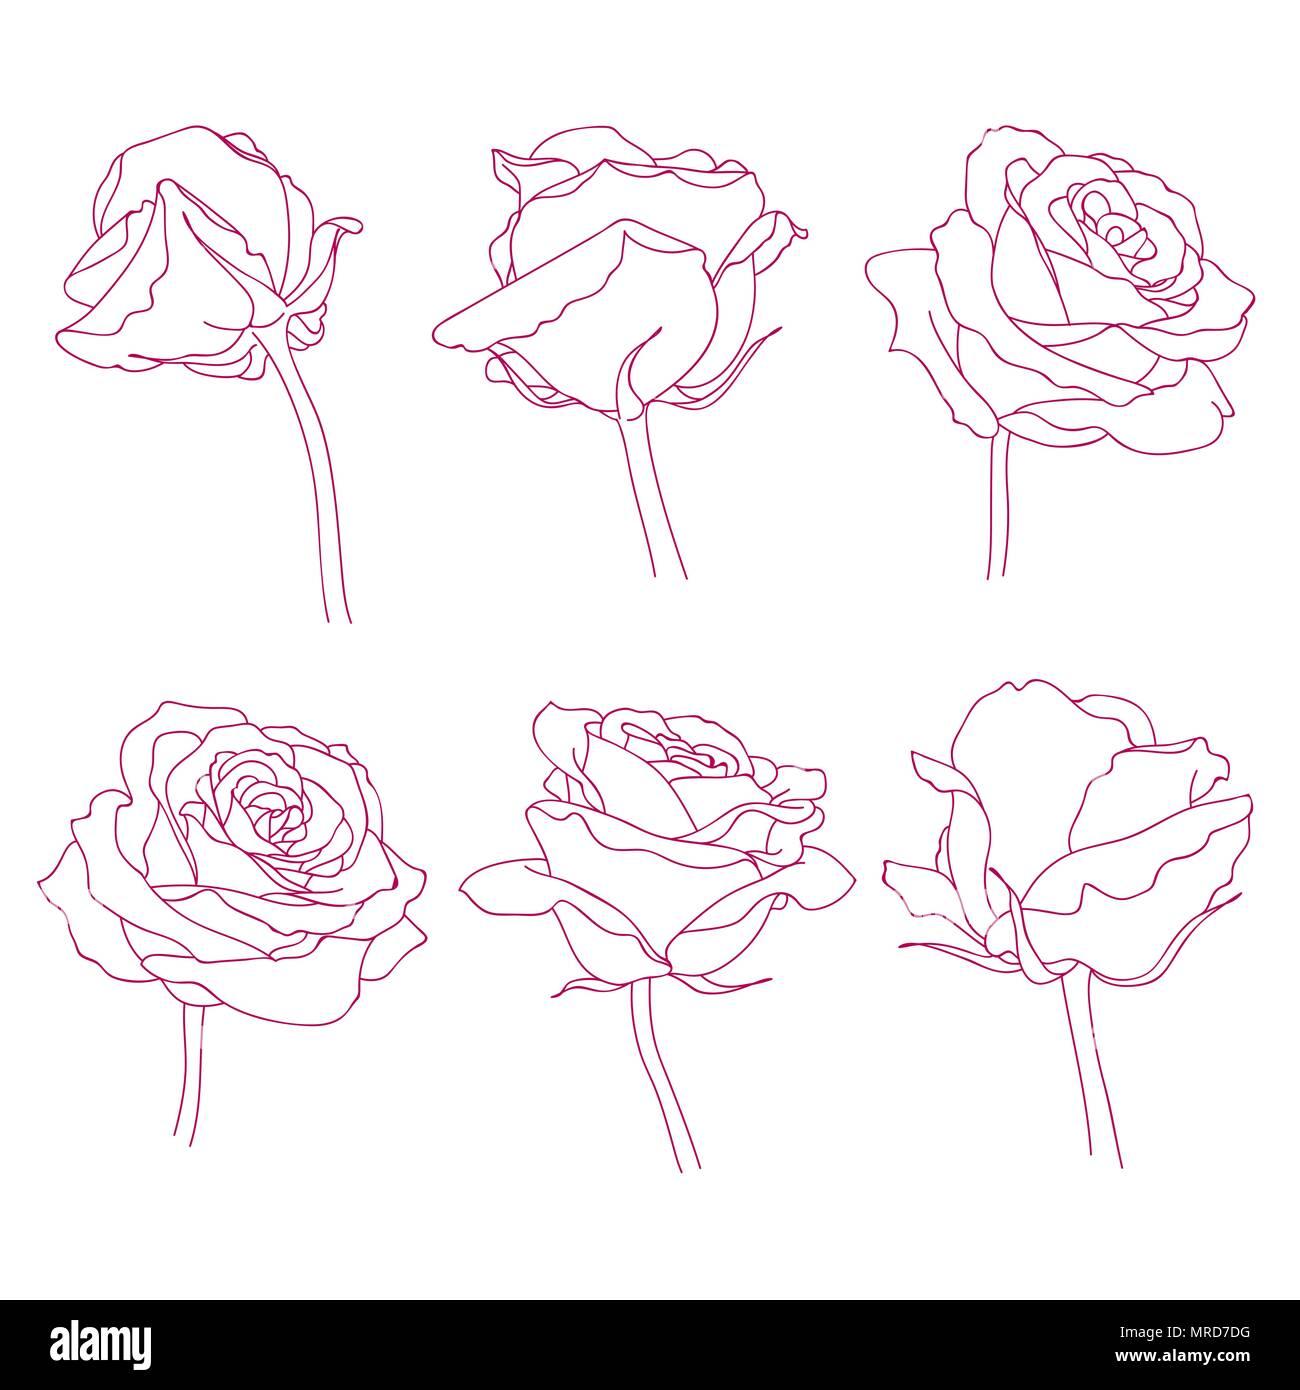 Fleurs Rose Jeux De Dessin Graphique Lineaire Vecteurs Et